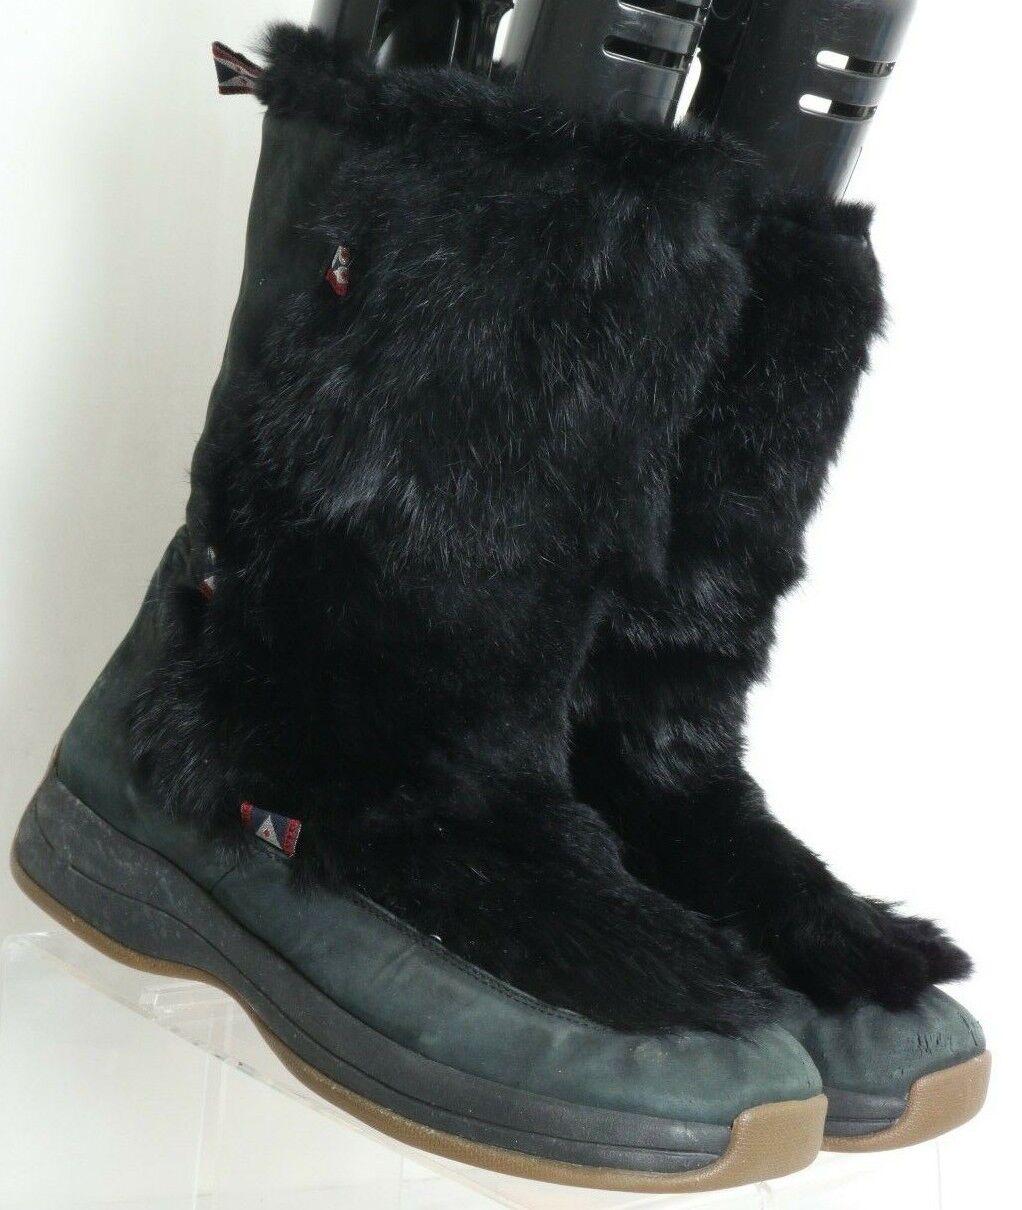 Ulu Negro Nubuck Impermeable Piel De Conejo invierno botas de nieve nos para Mujer 10.5-11